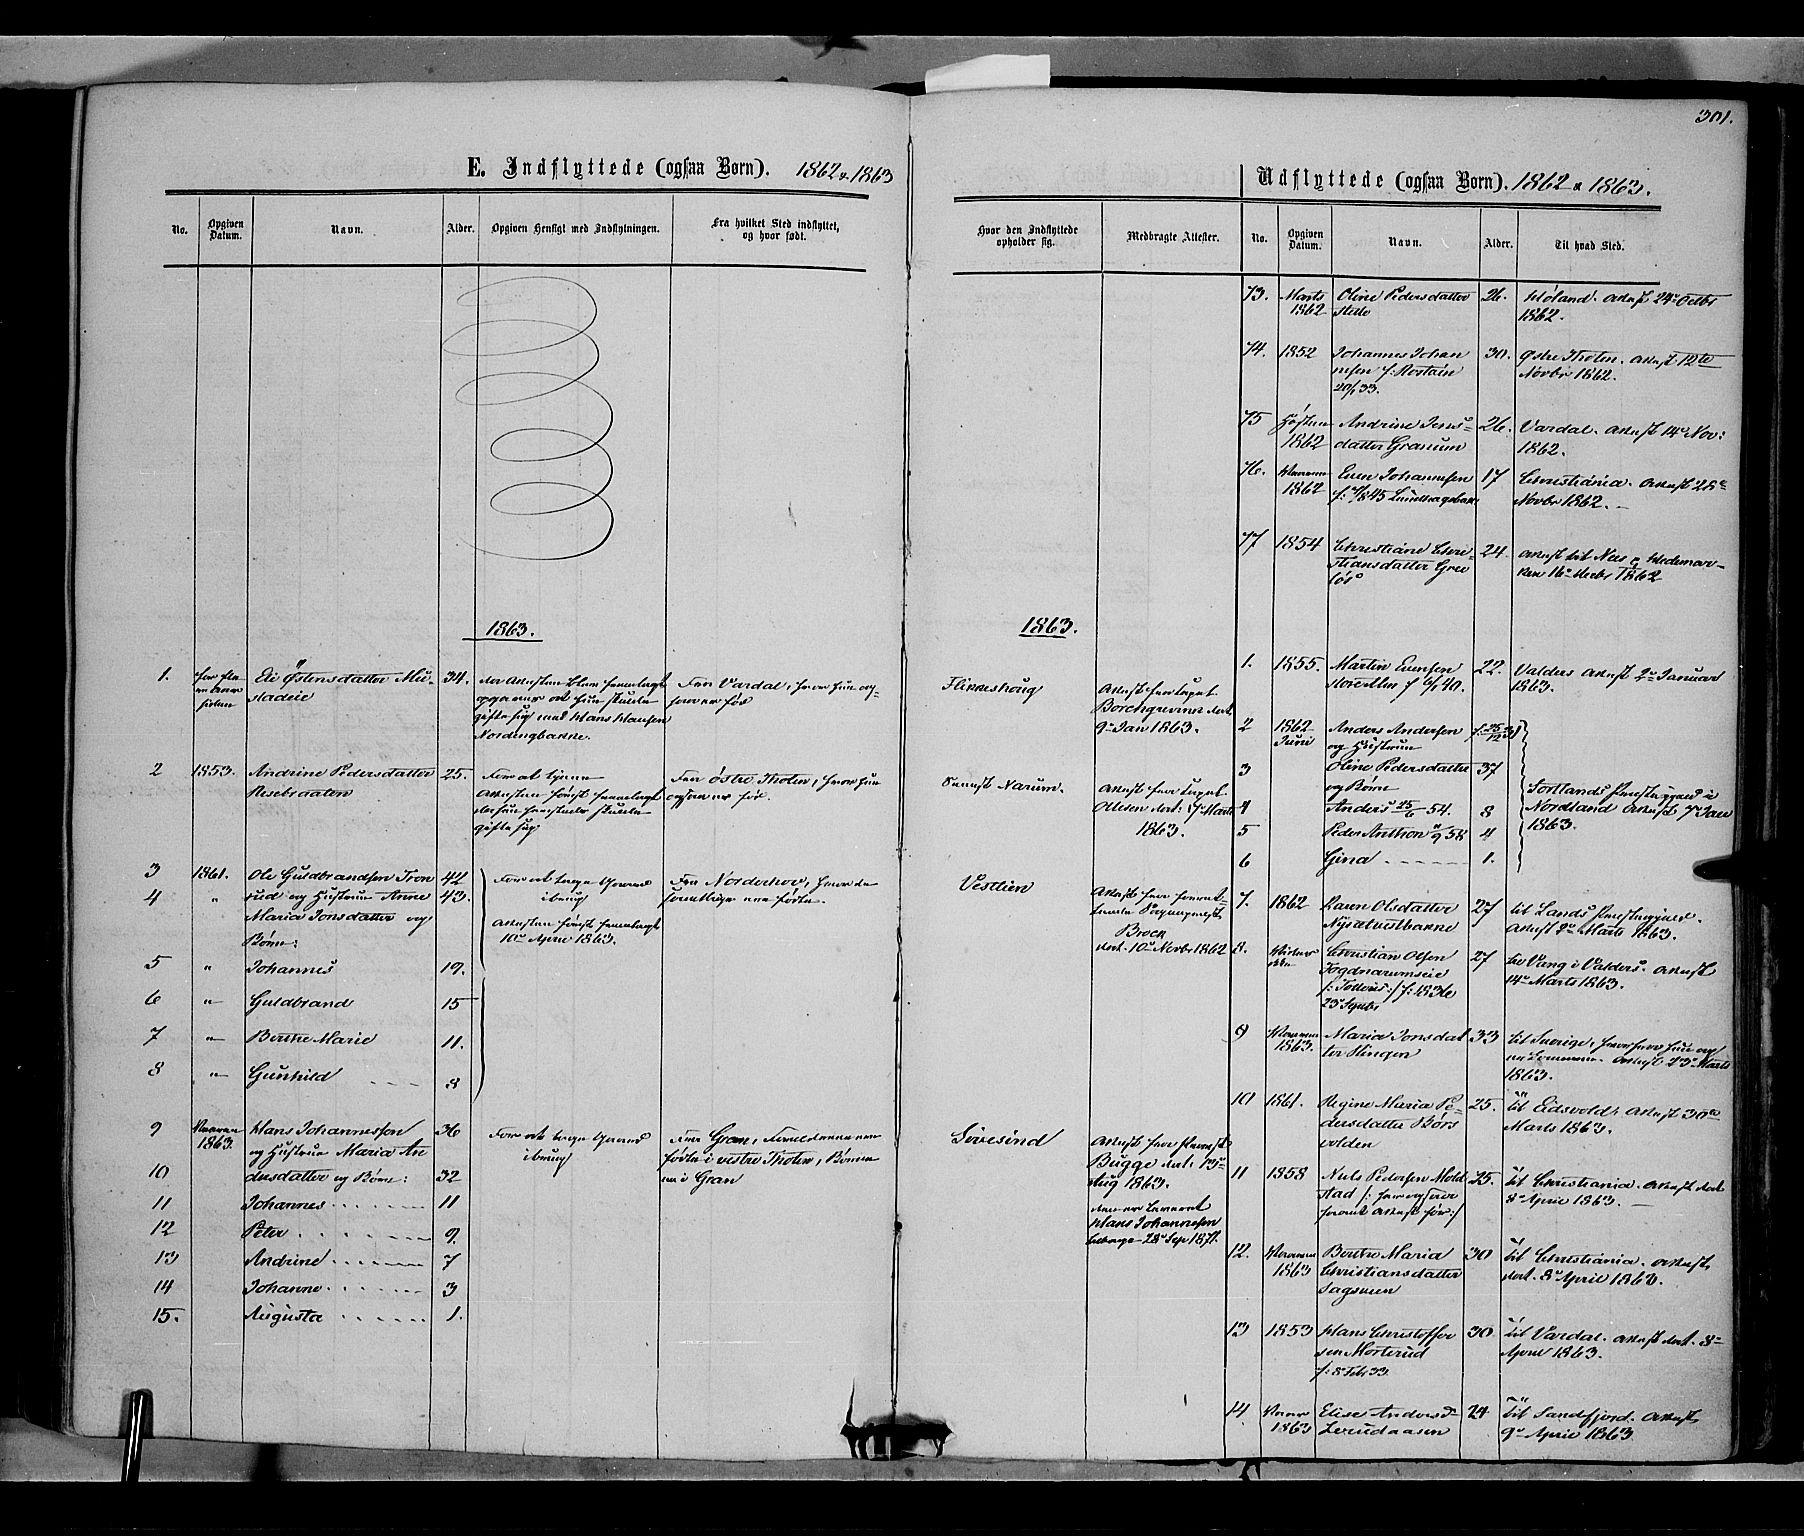 SAH, Vestre Toten prestekontor, Ministerialbok nr. 7, 1862-1869, s. 301